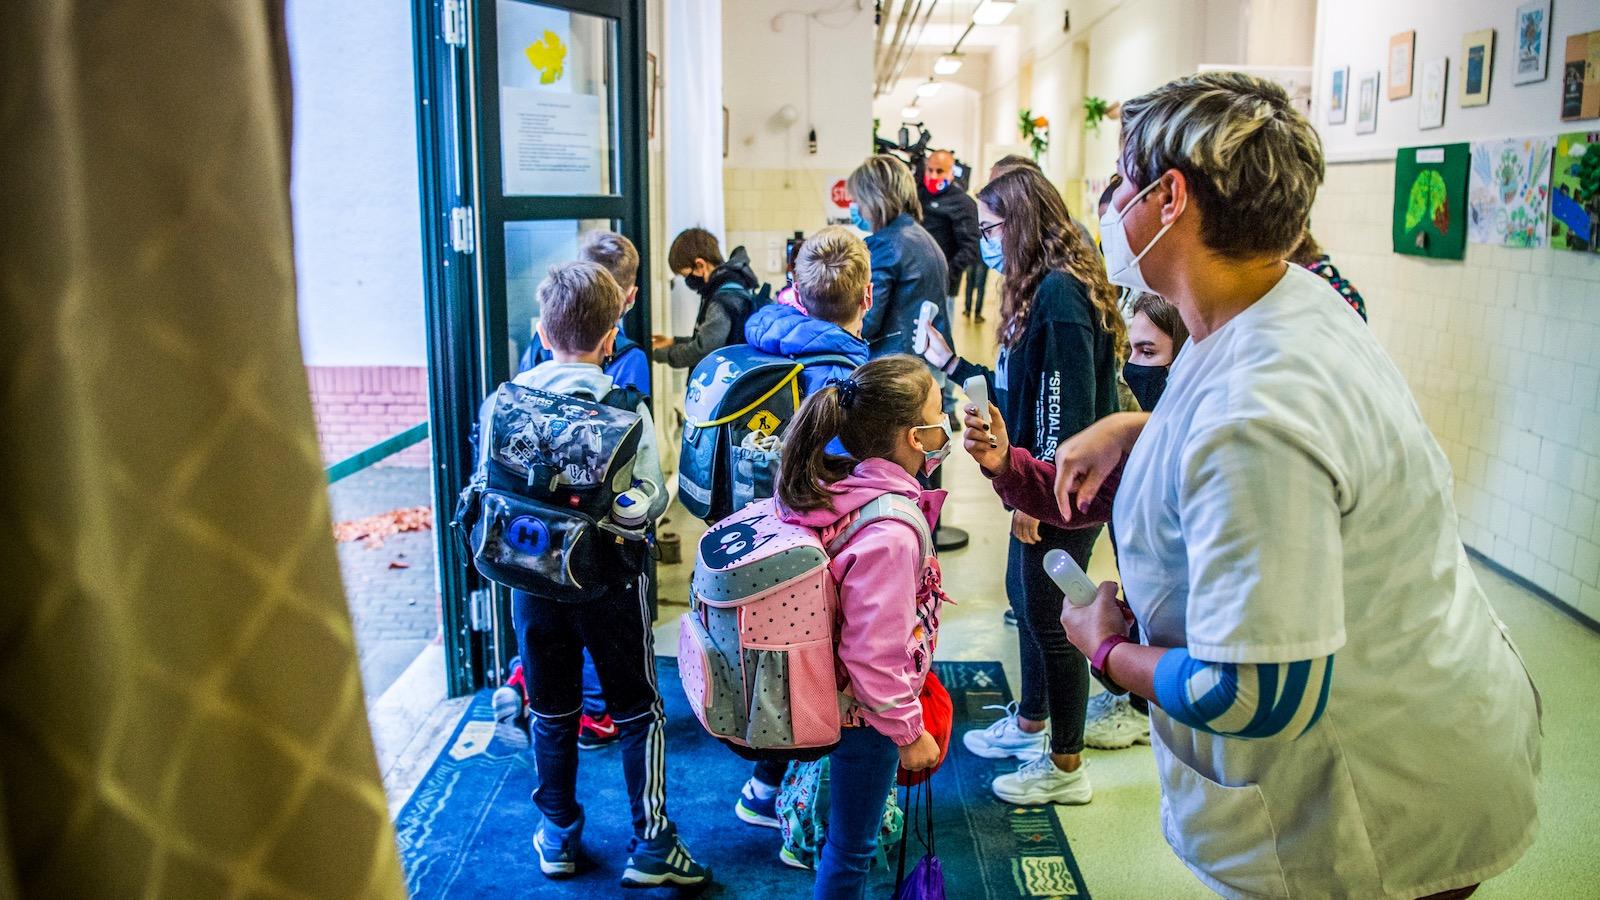 Osztály, vigyázz! – 5 dolog, ami hiányzik a biztonságos iskolanyitáshoz